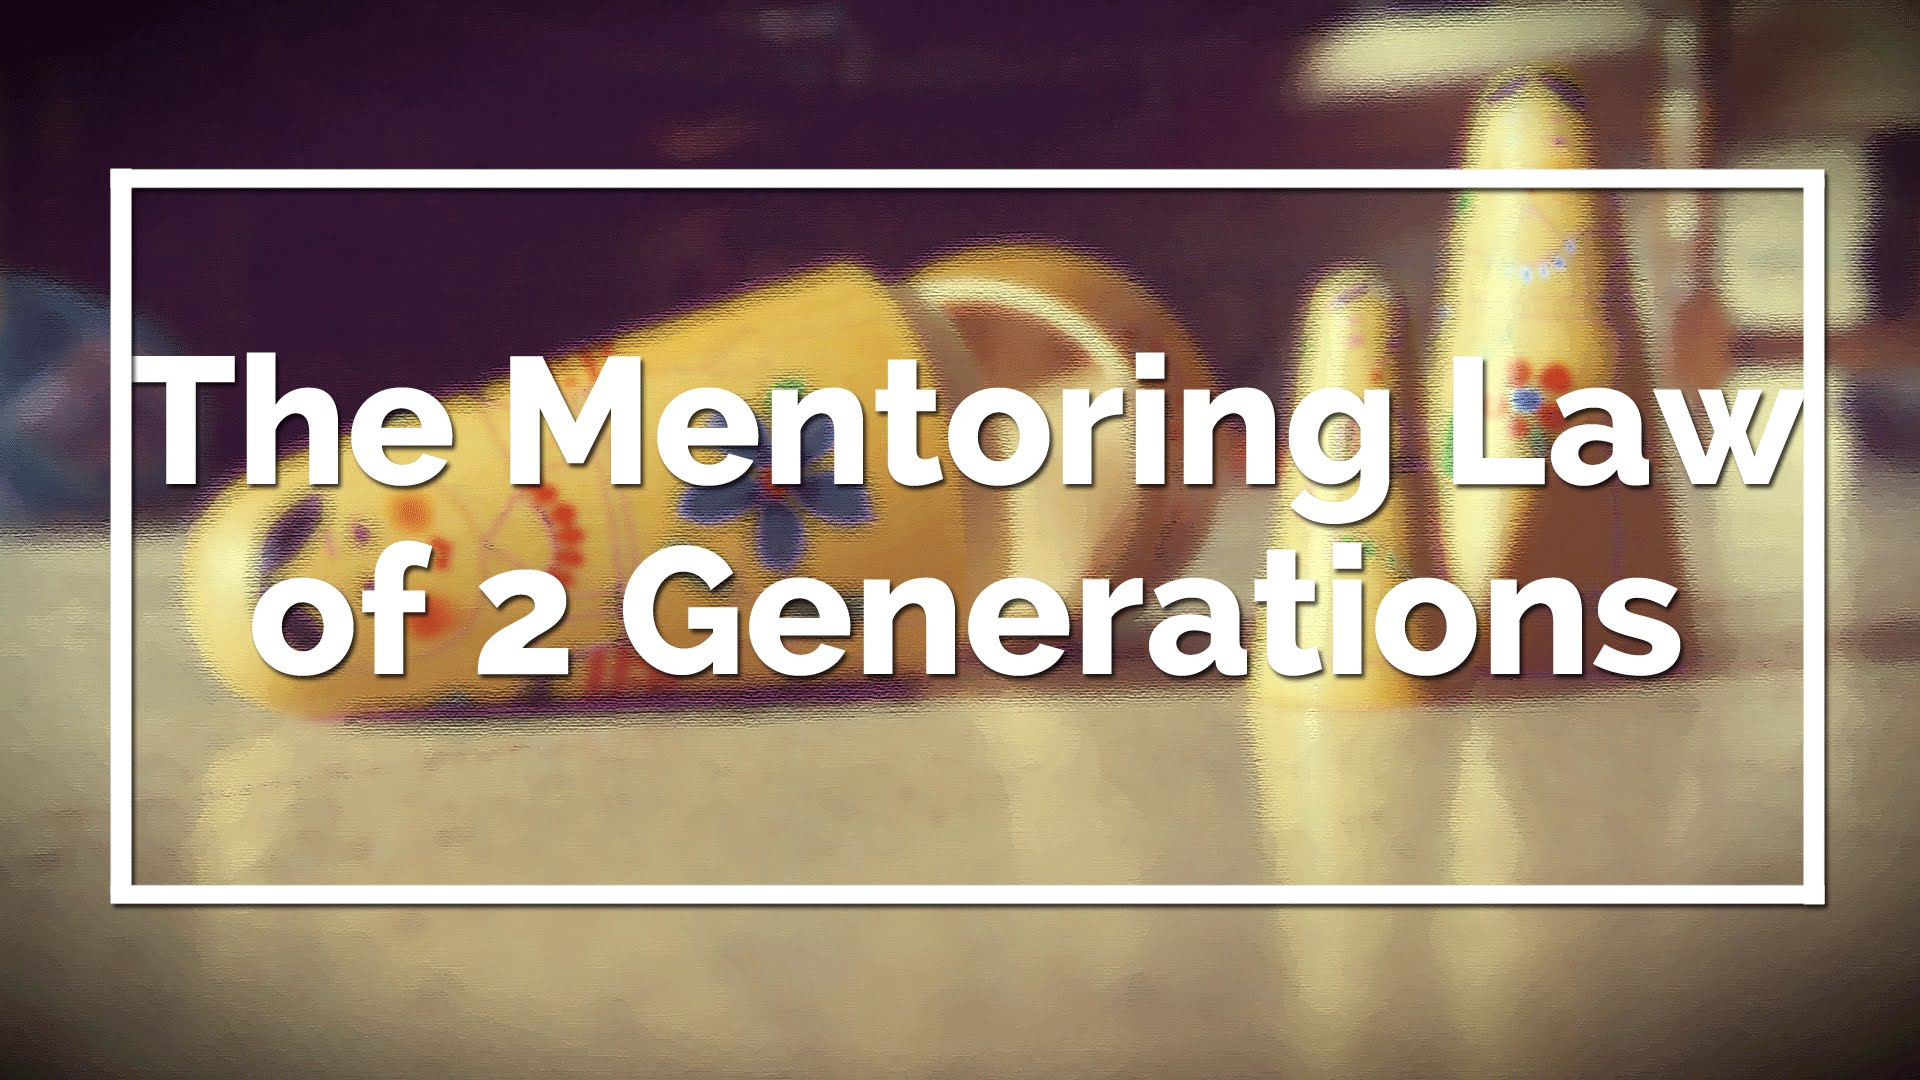 El árbol mentor y la ley de las generaciones 2